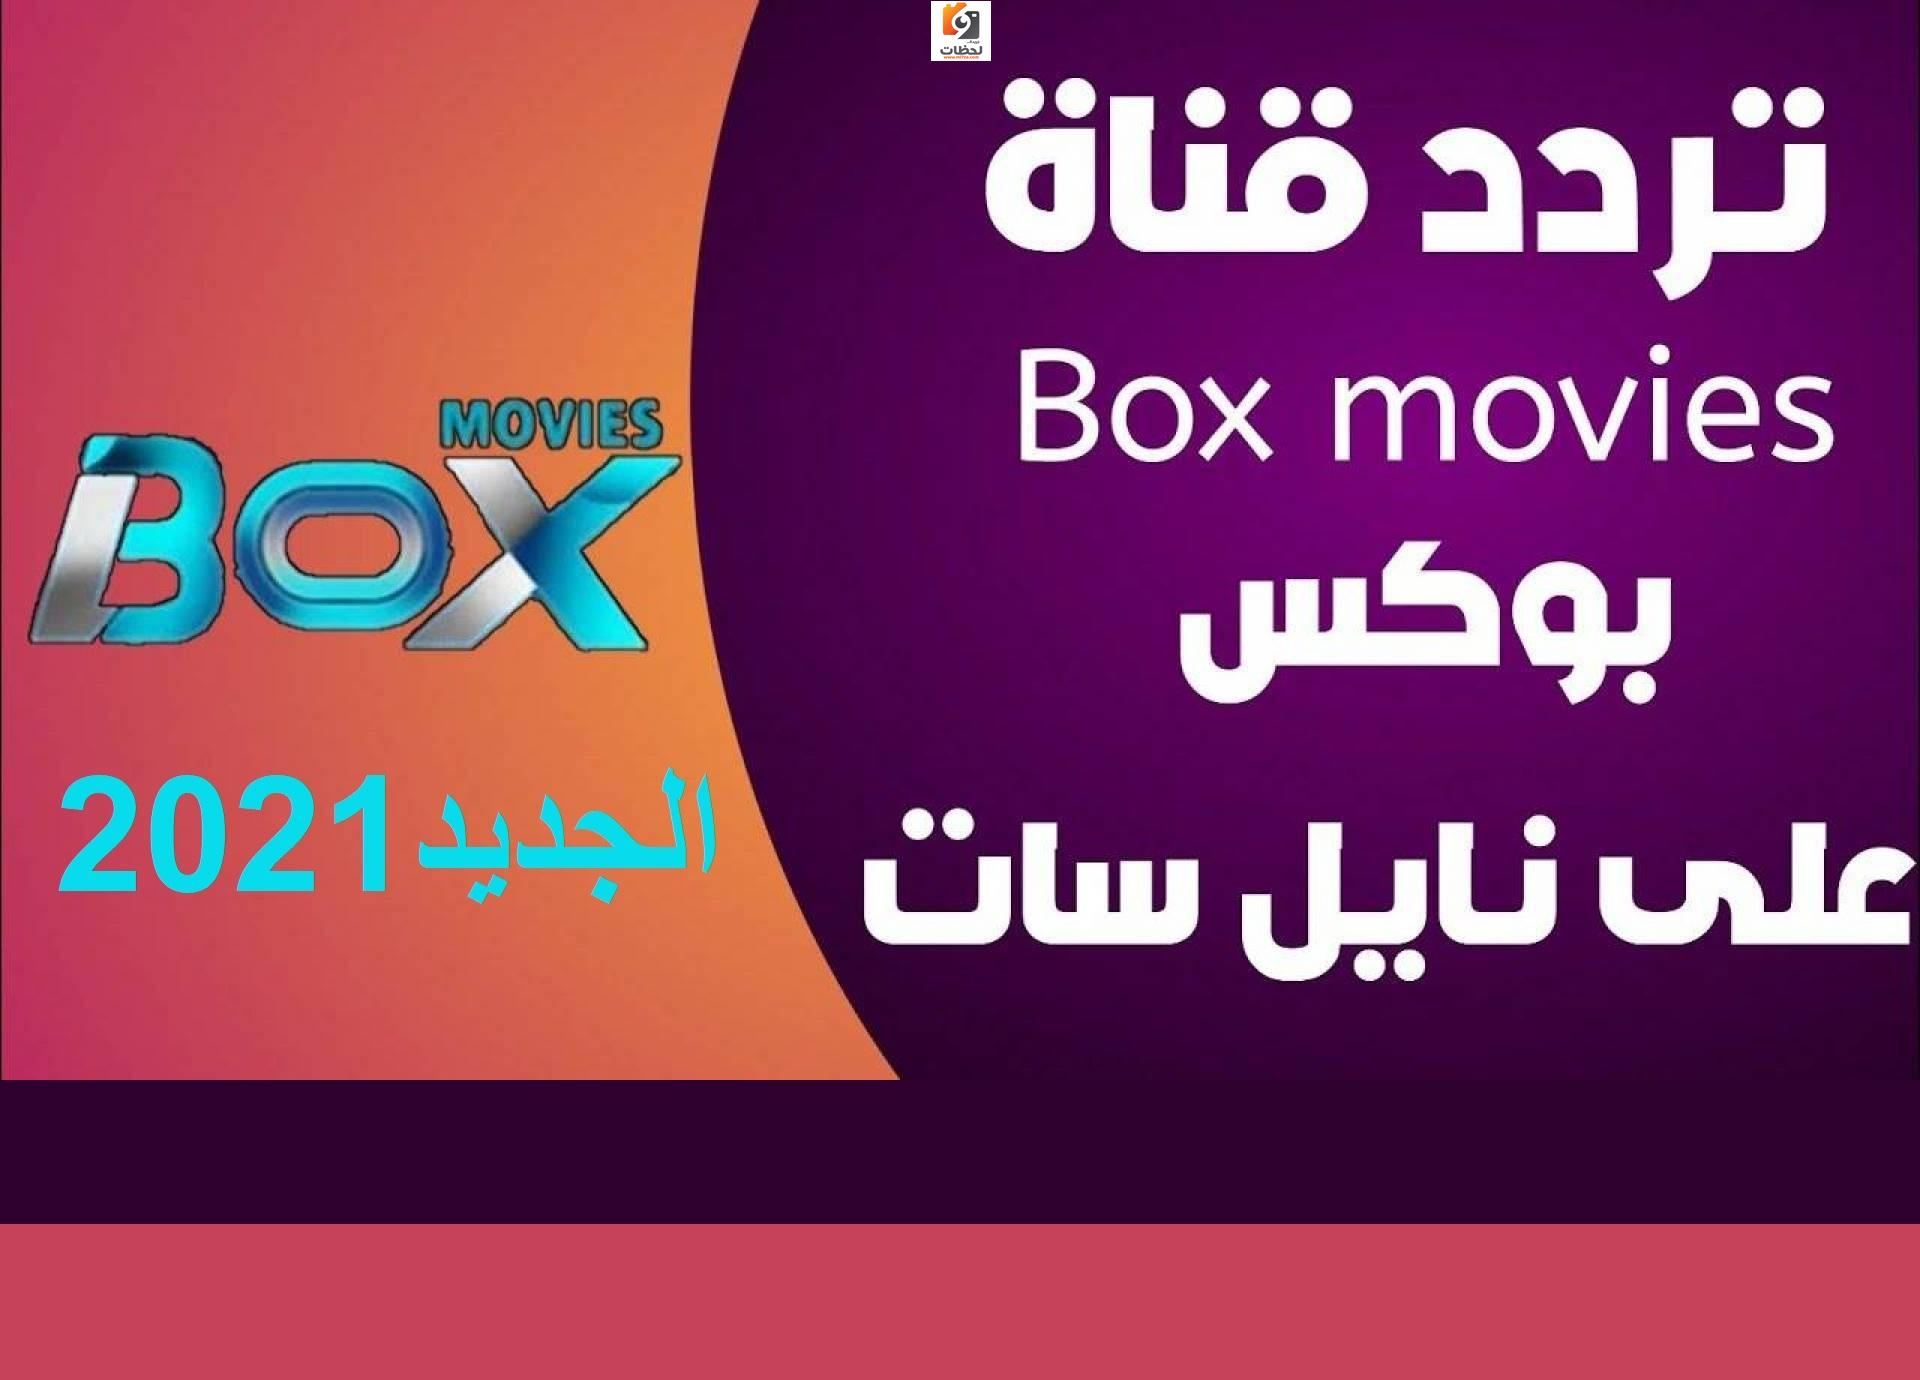 اشارة قوية تردد قناة بوكس موفيز الجديد 2022 Box movies علي النايل سات الجديدة